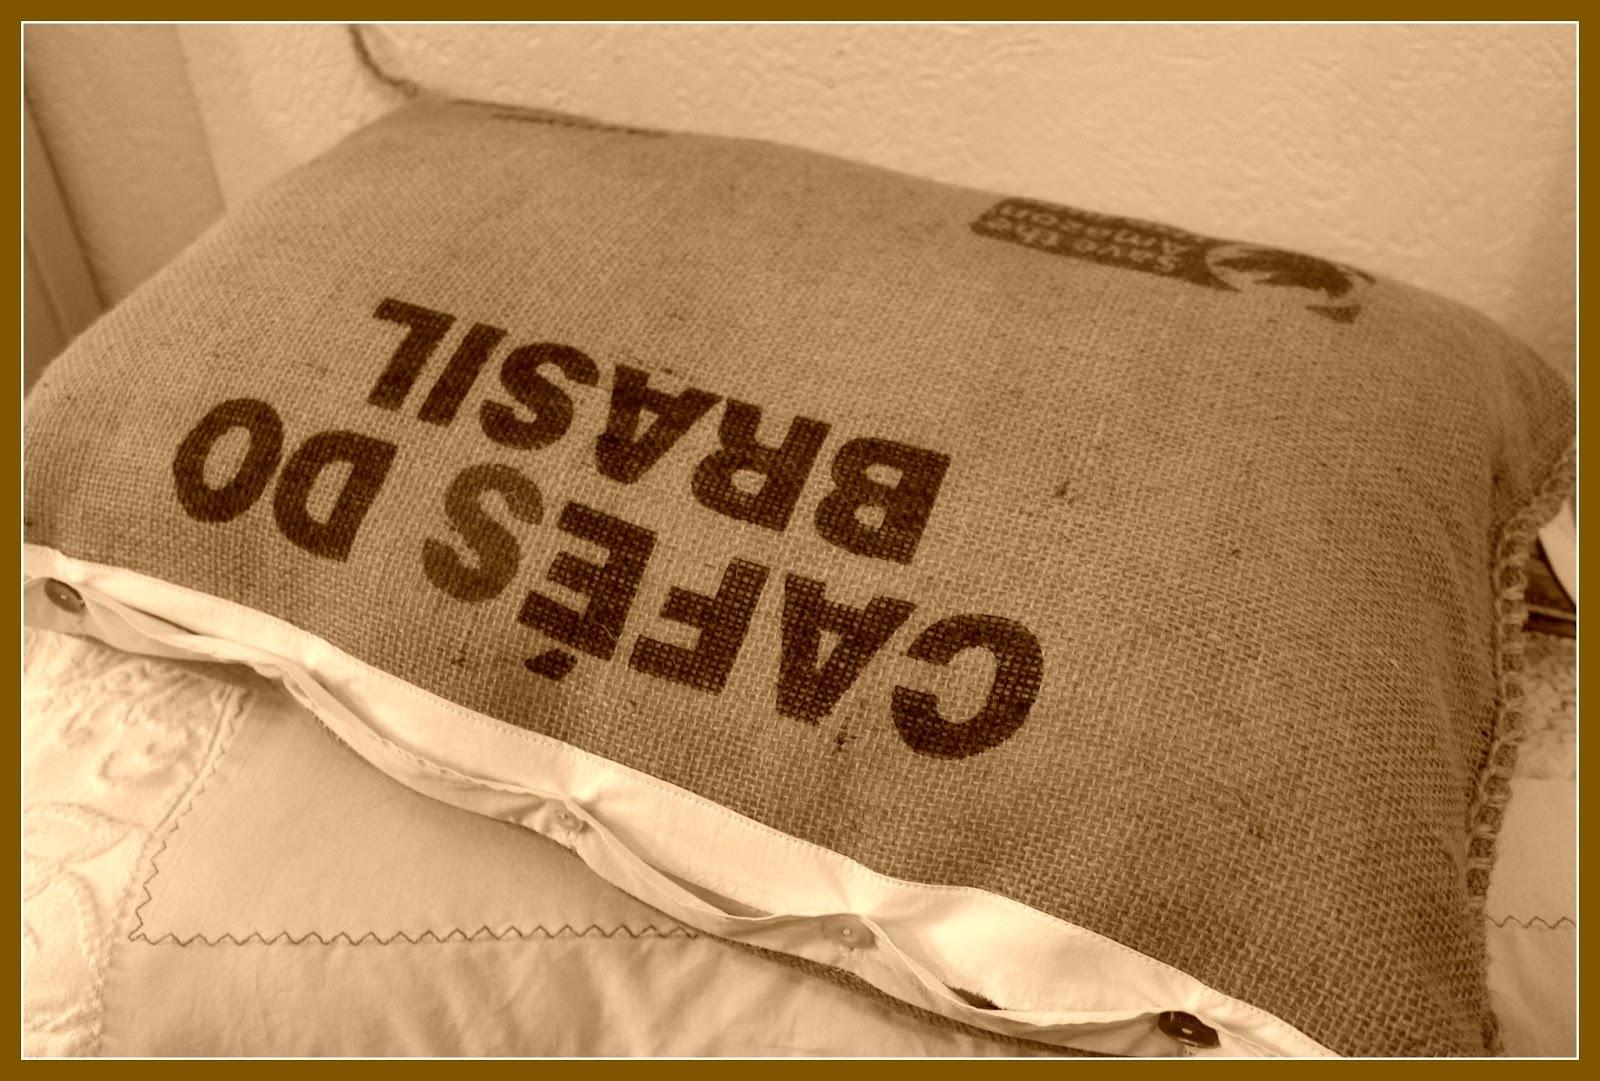 Amato My little cozy home (Cilli Studio): I SACCHI DEL CAFFE' HX99